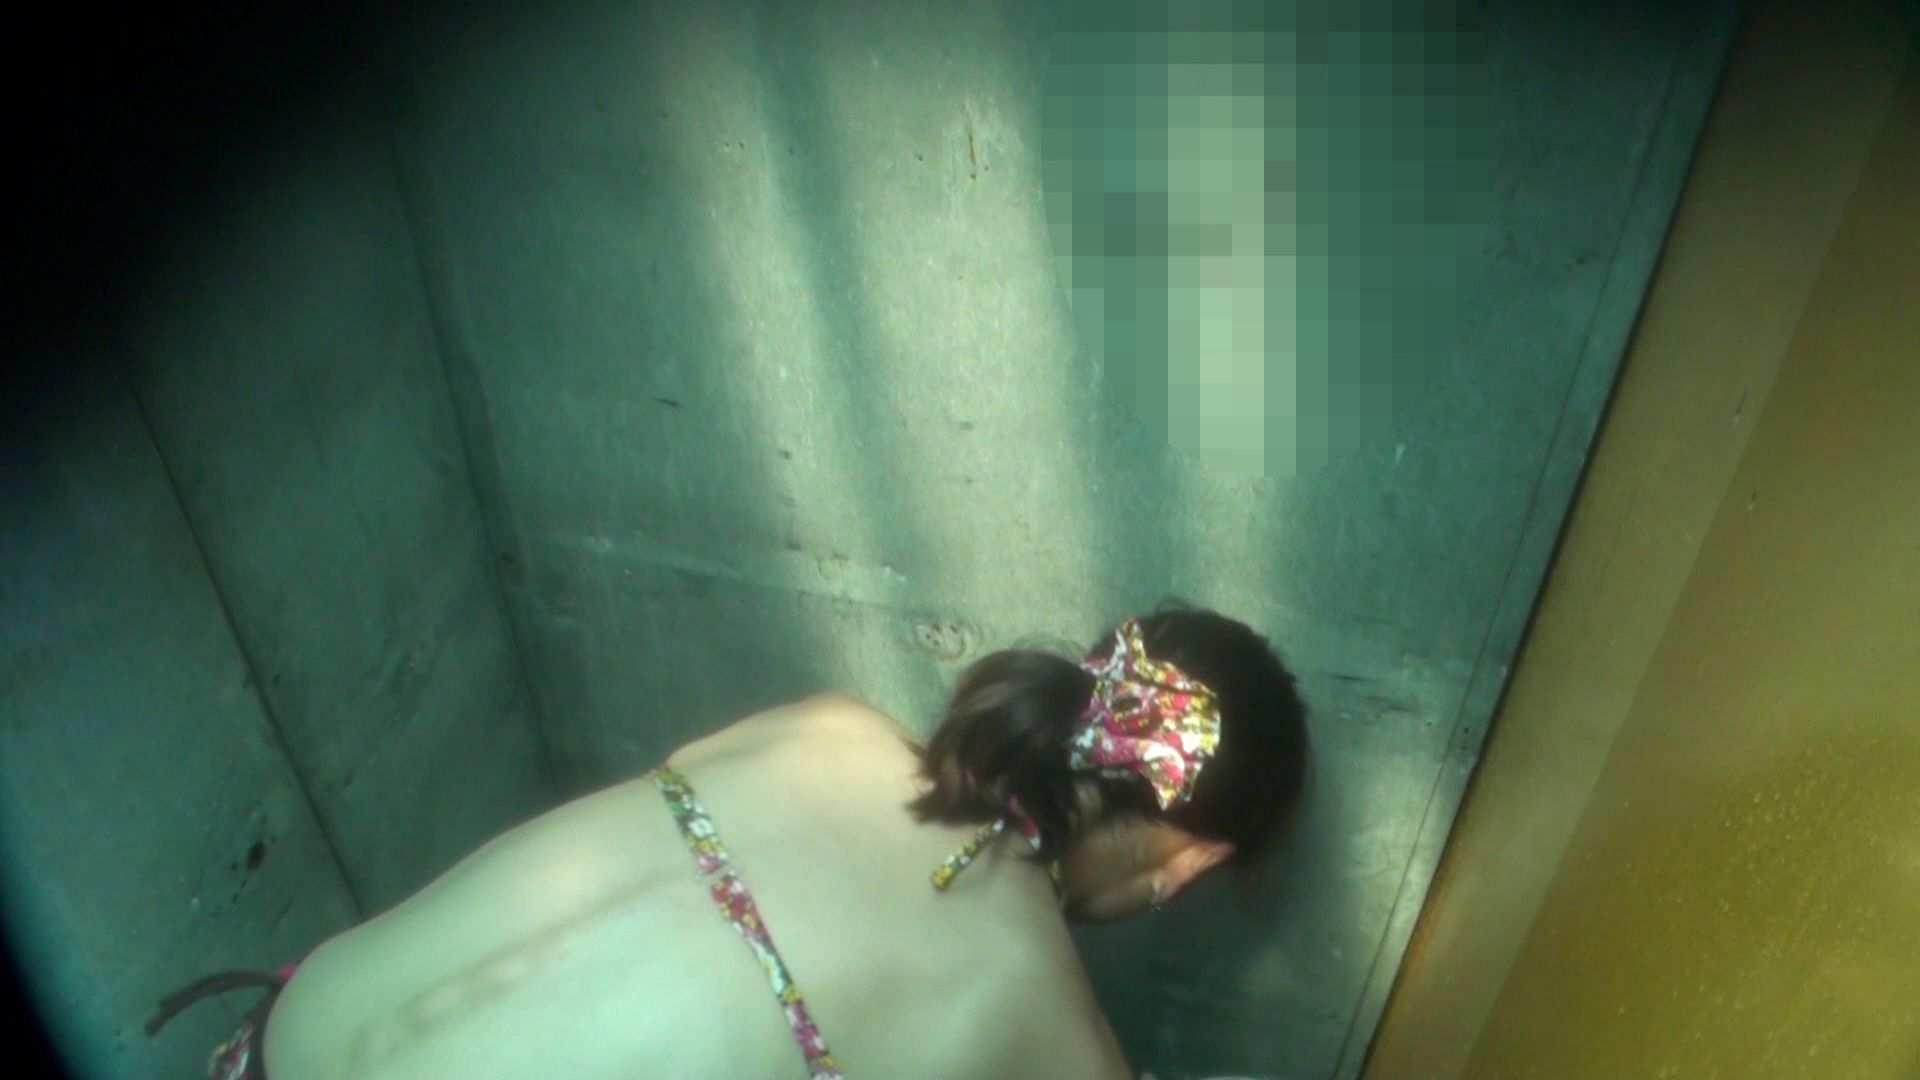 シャワールームは超!!危険な香りVol.16 意外に乳首は年増のそれ 脱衣所の着替え えろ無修正画像 105画像 103